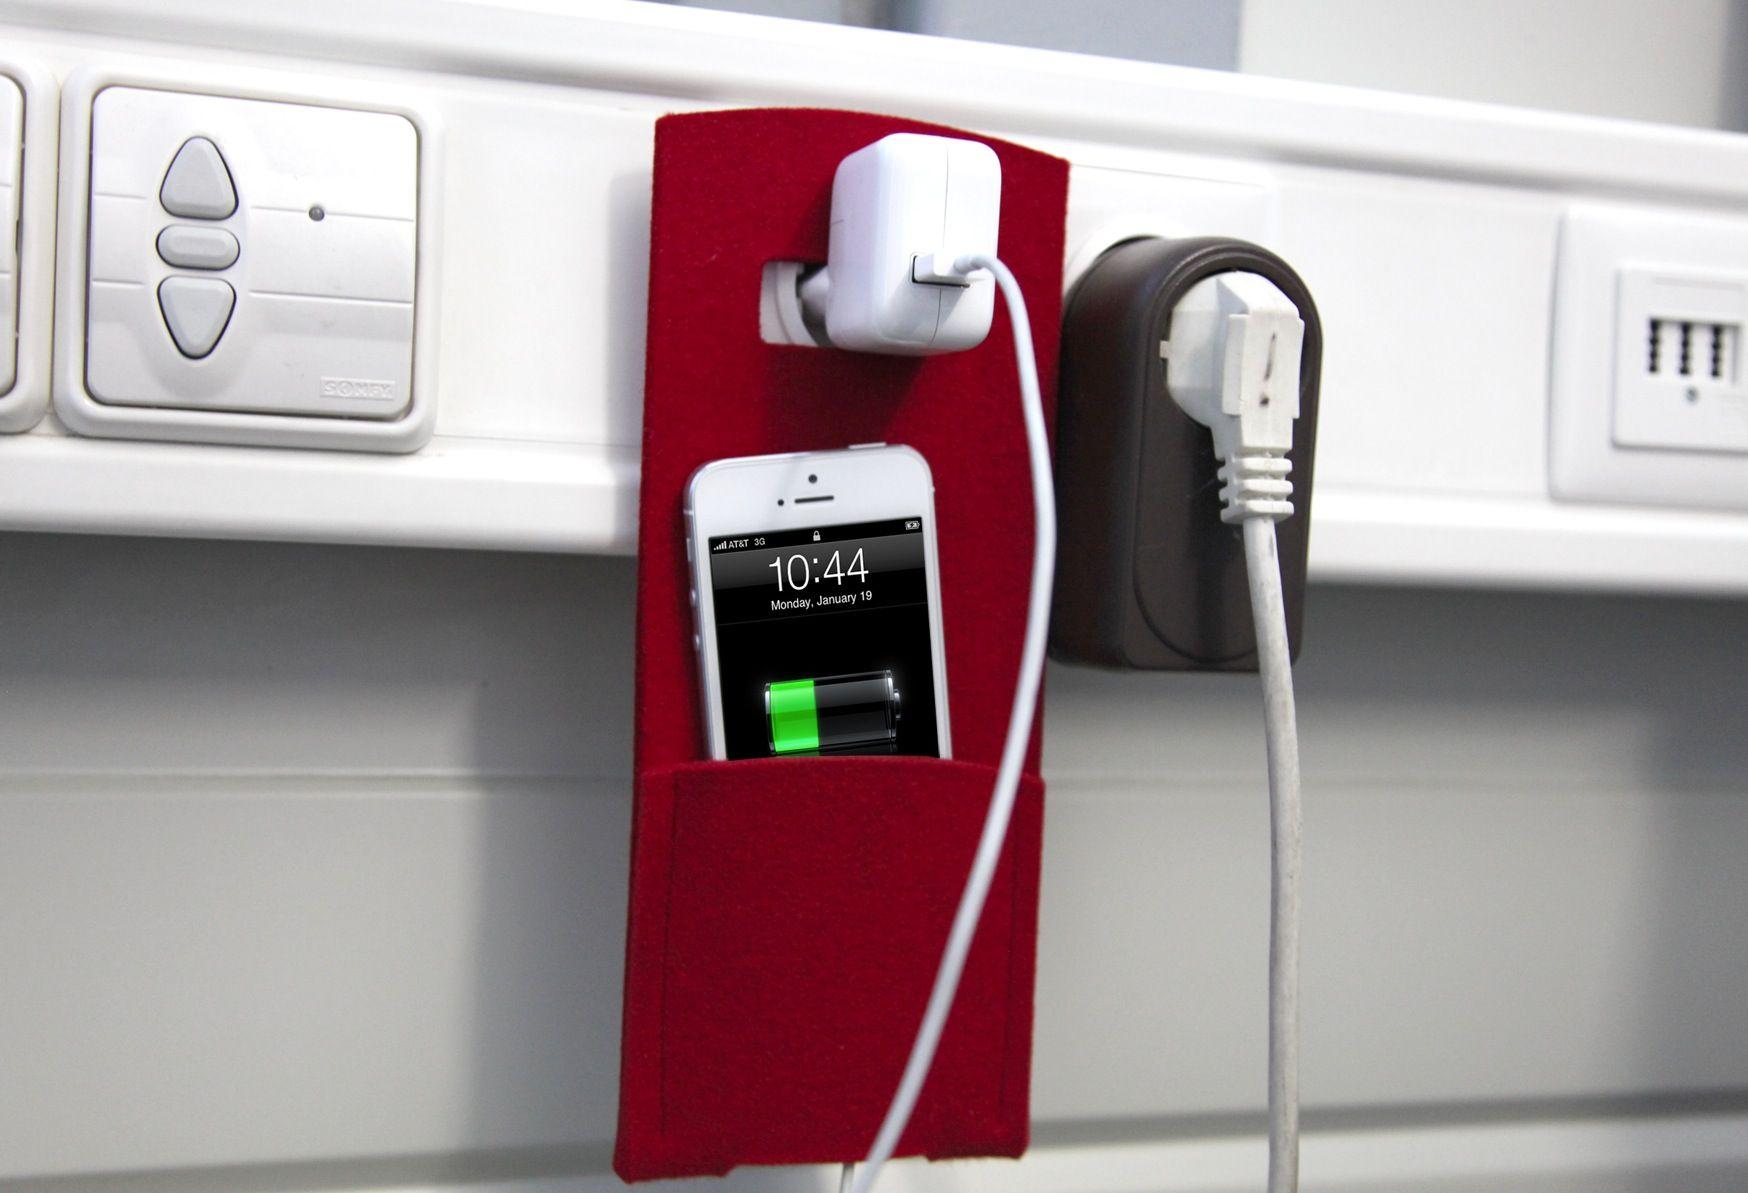 phoneboy der smartphone retter ist da der arktis. Black Bedroom Furniture Sets. Home Design Ideas